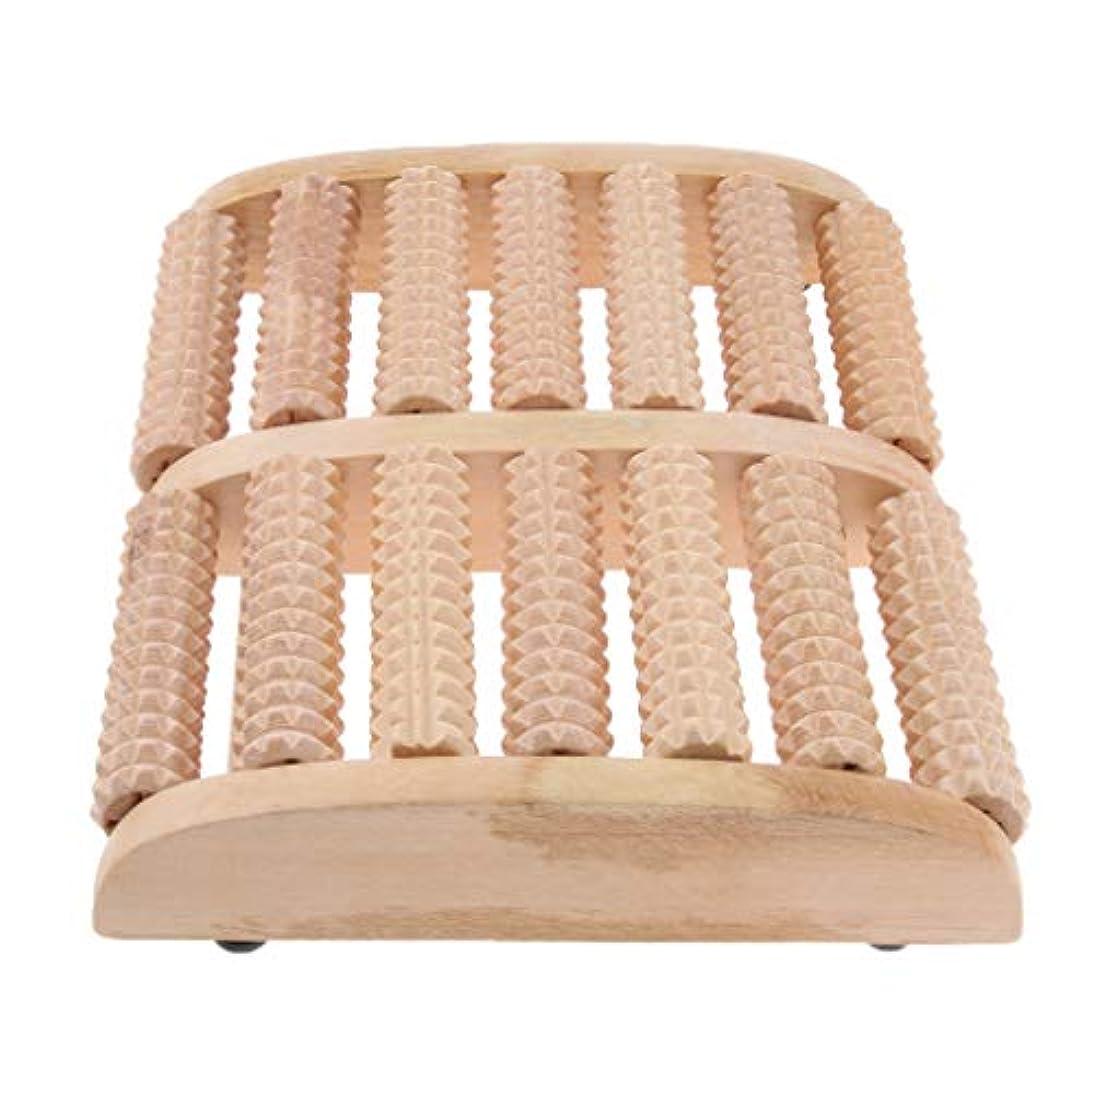 もちろん連想丈夫IPOTCH マッサージローラー 7行 自然木製 足踏み フットマッサージ ツボ押し 痛み緩和 健康器具 高品質